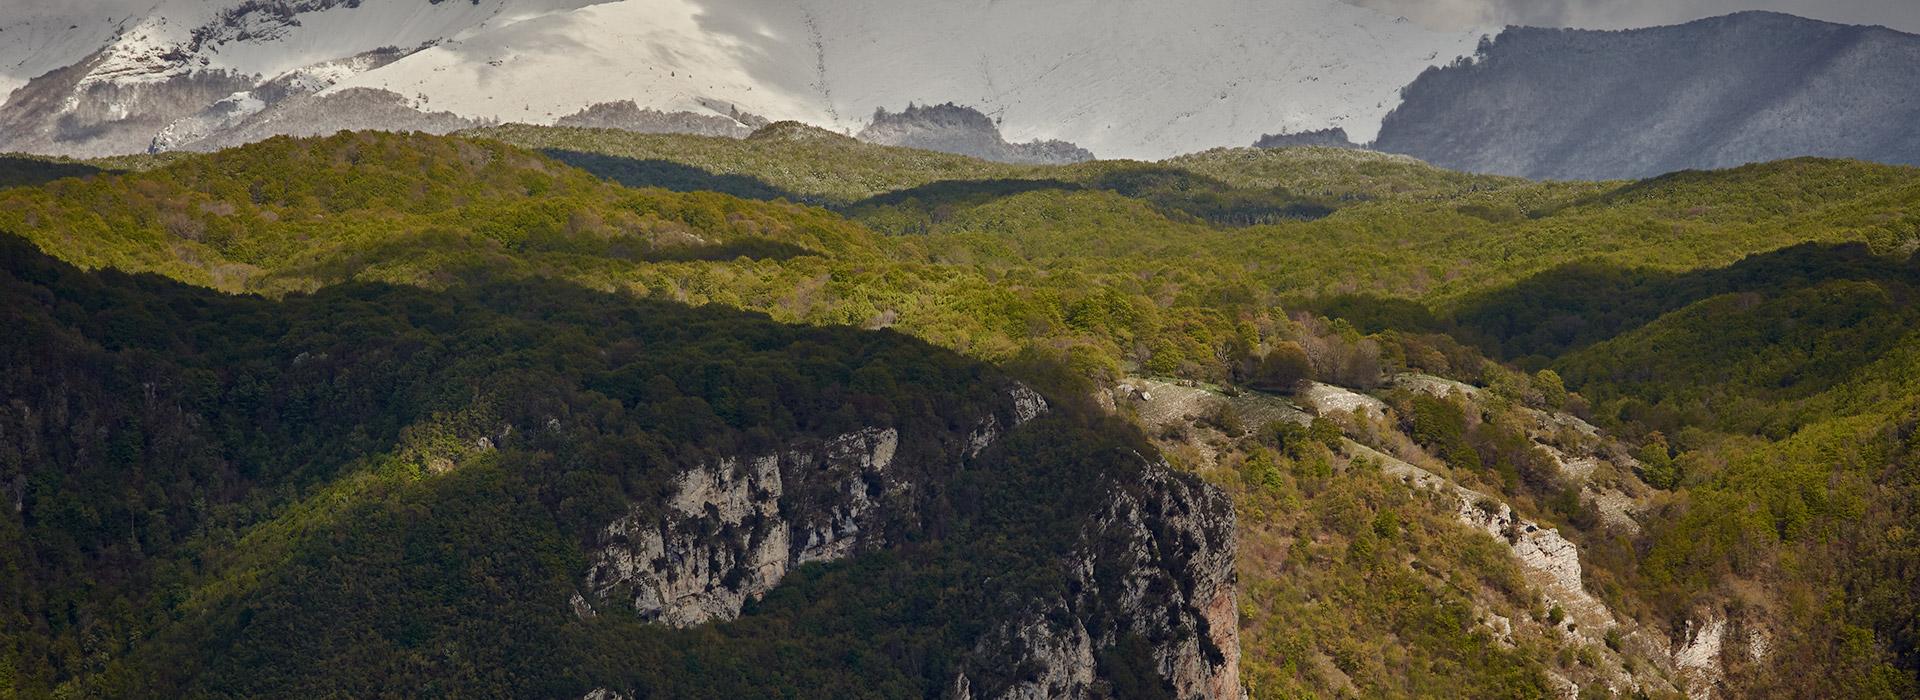 Abruzzo, Itlay (Photo: Salviamo L'Orso)